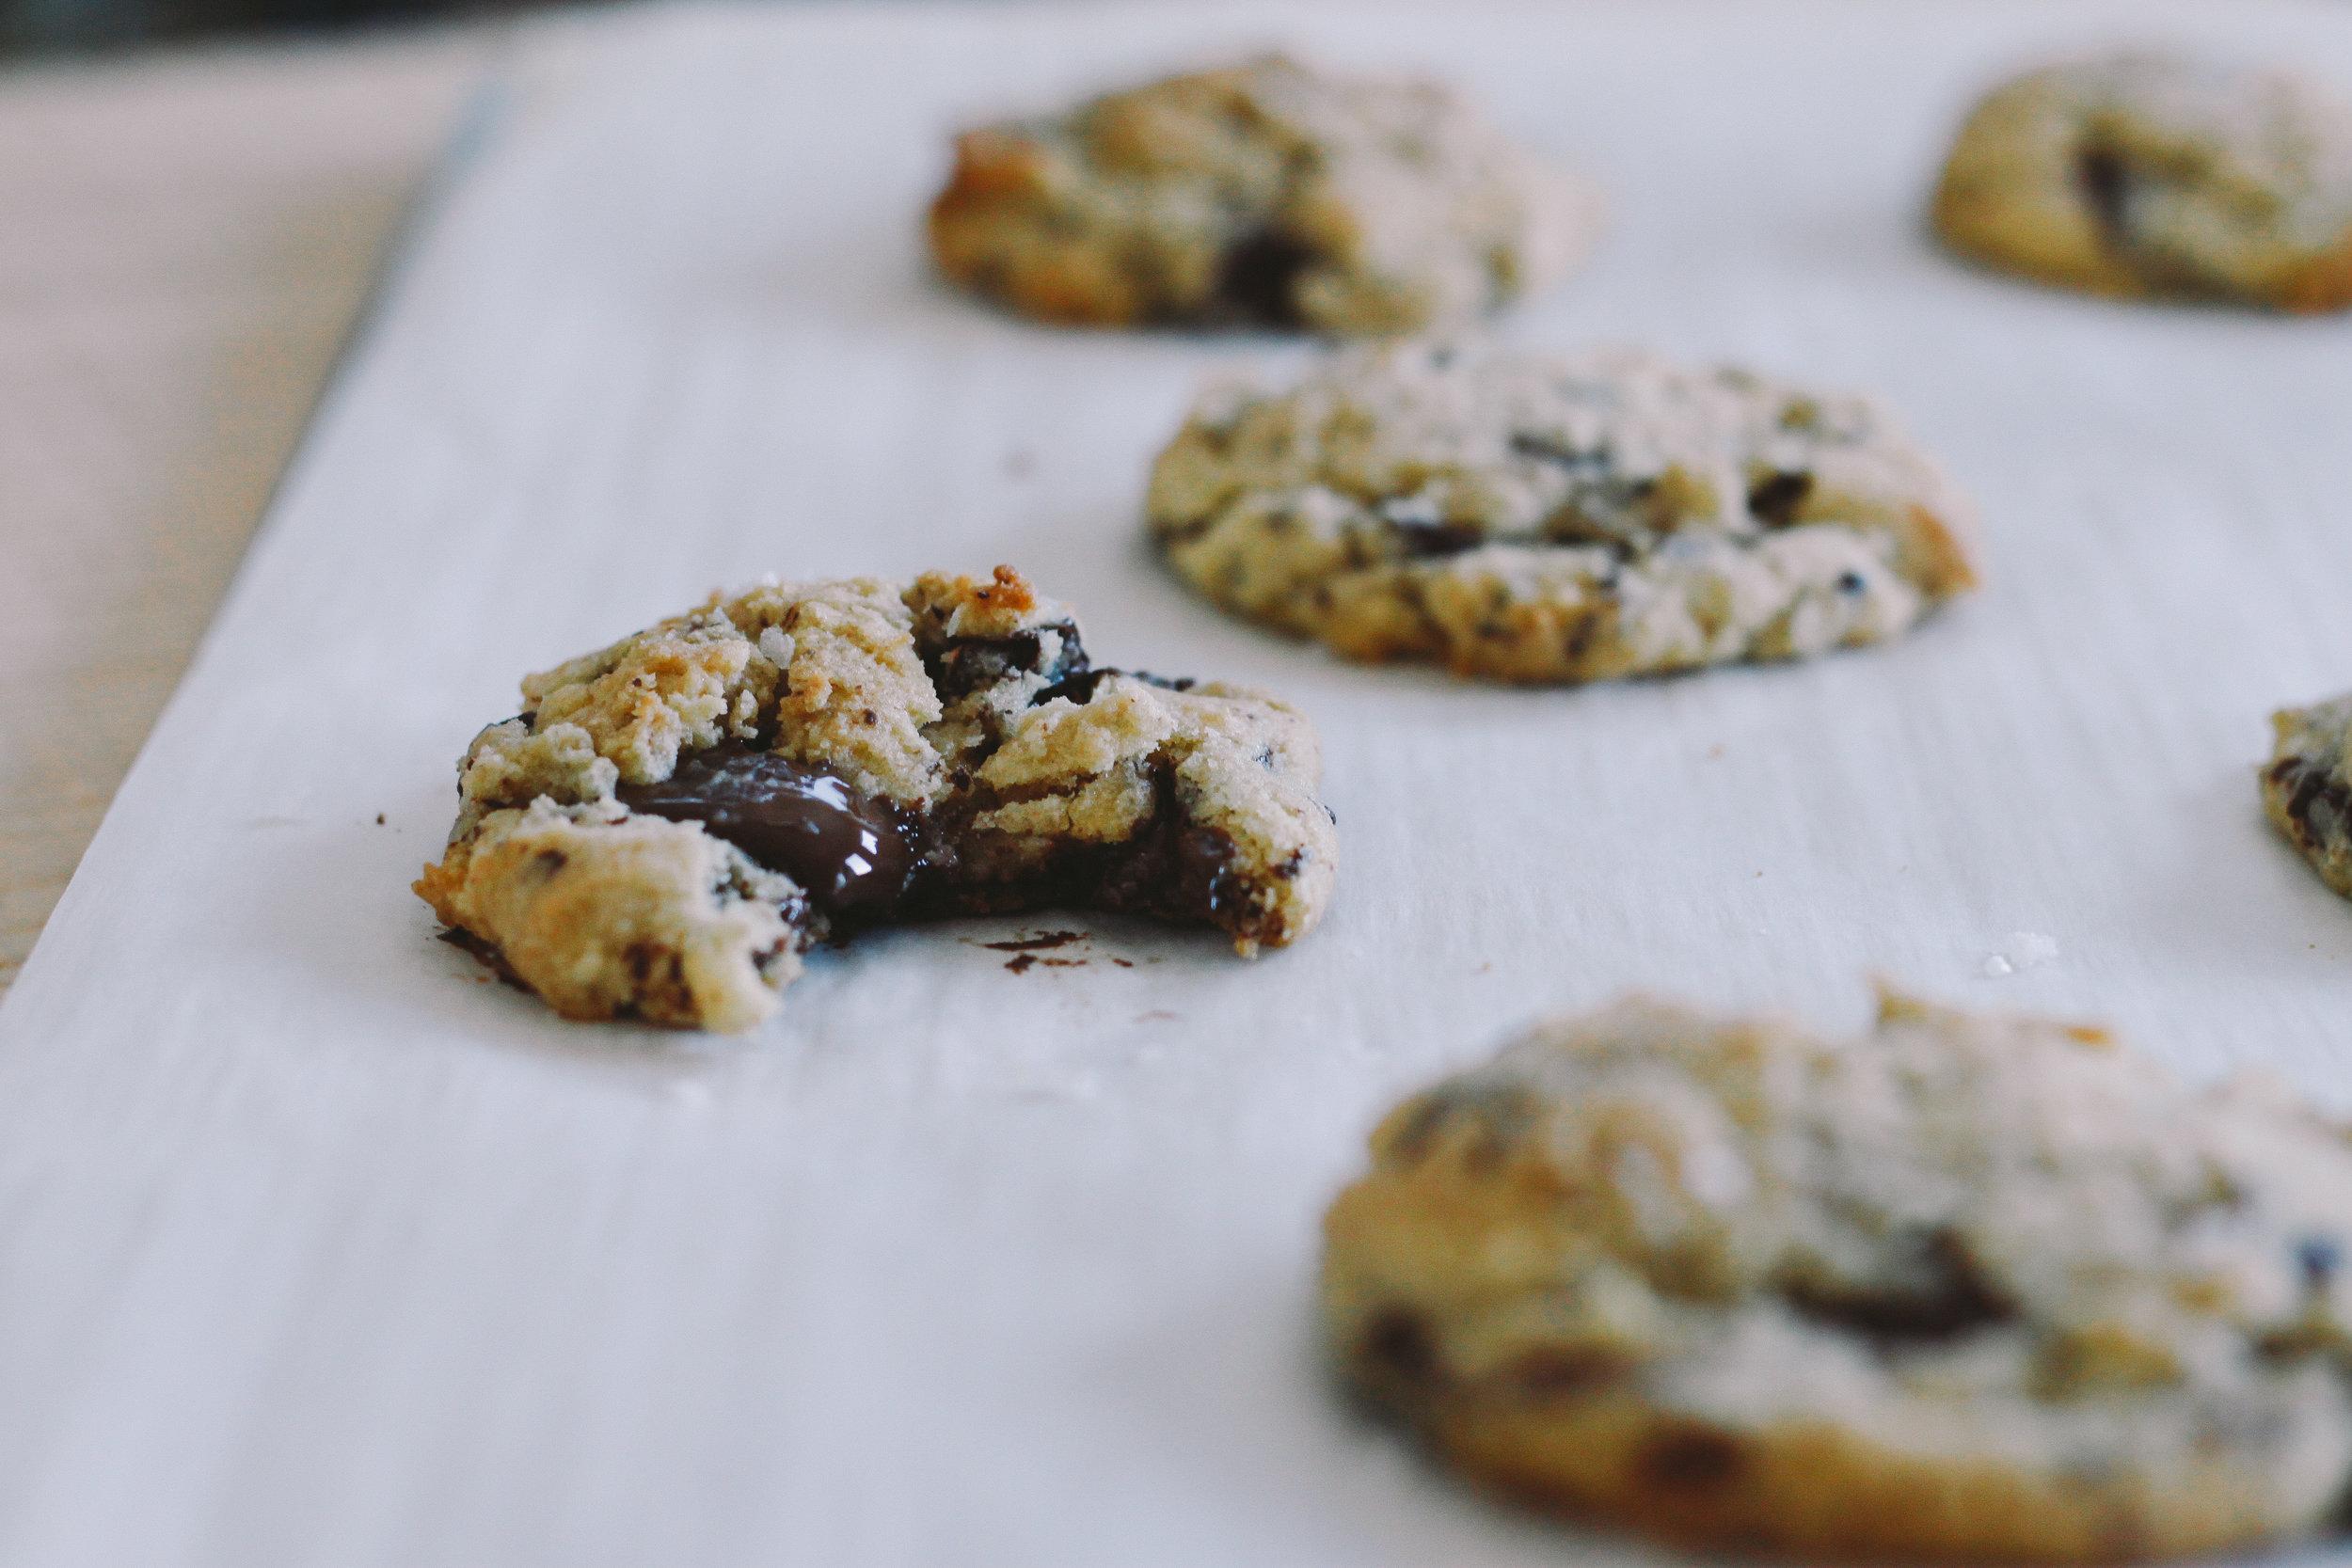 Weekend Chocolate Chip Cookies